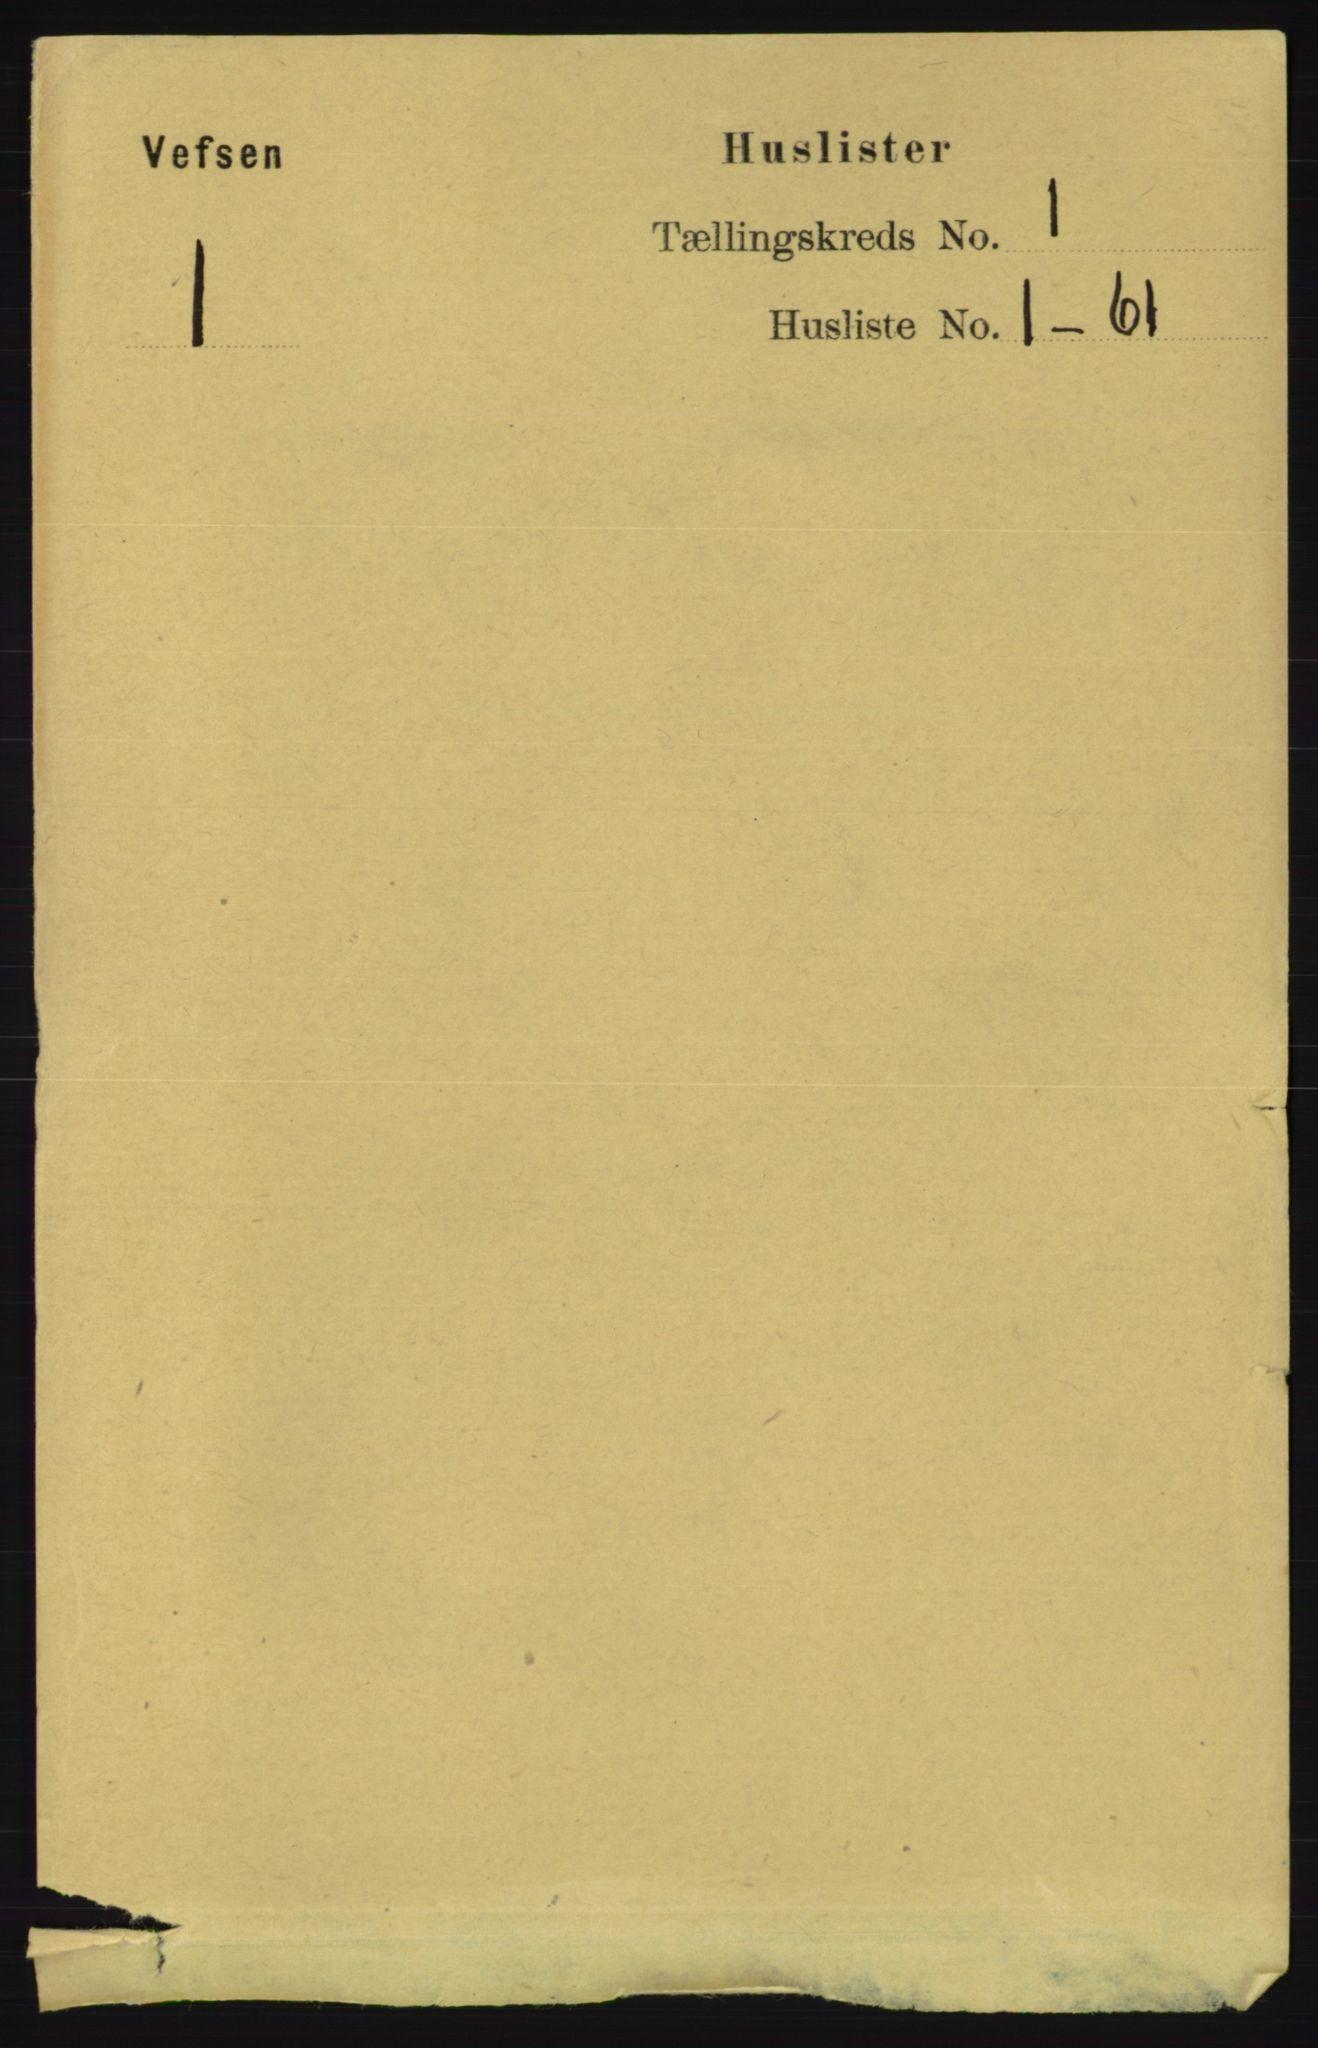 RA, Folketelling 1891 for 1824 Vefsn herred, 1891, s. 32